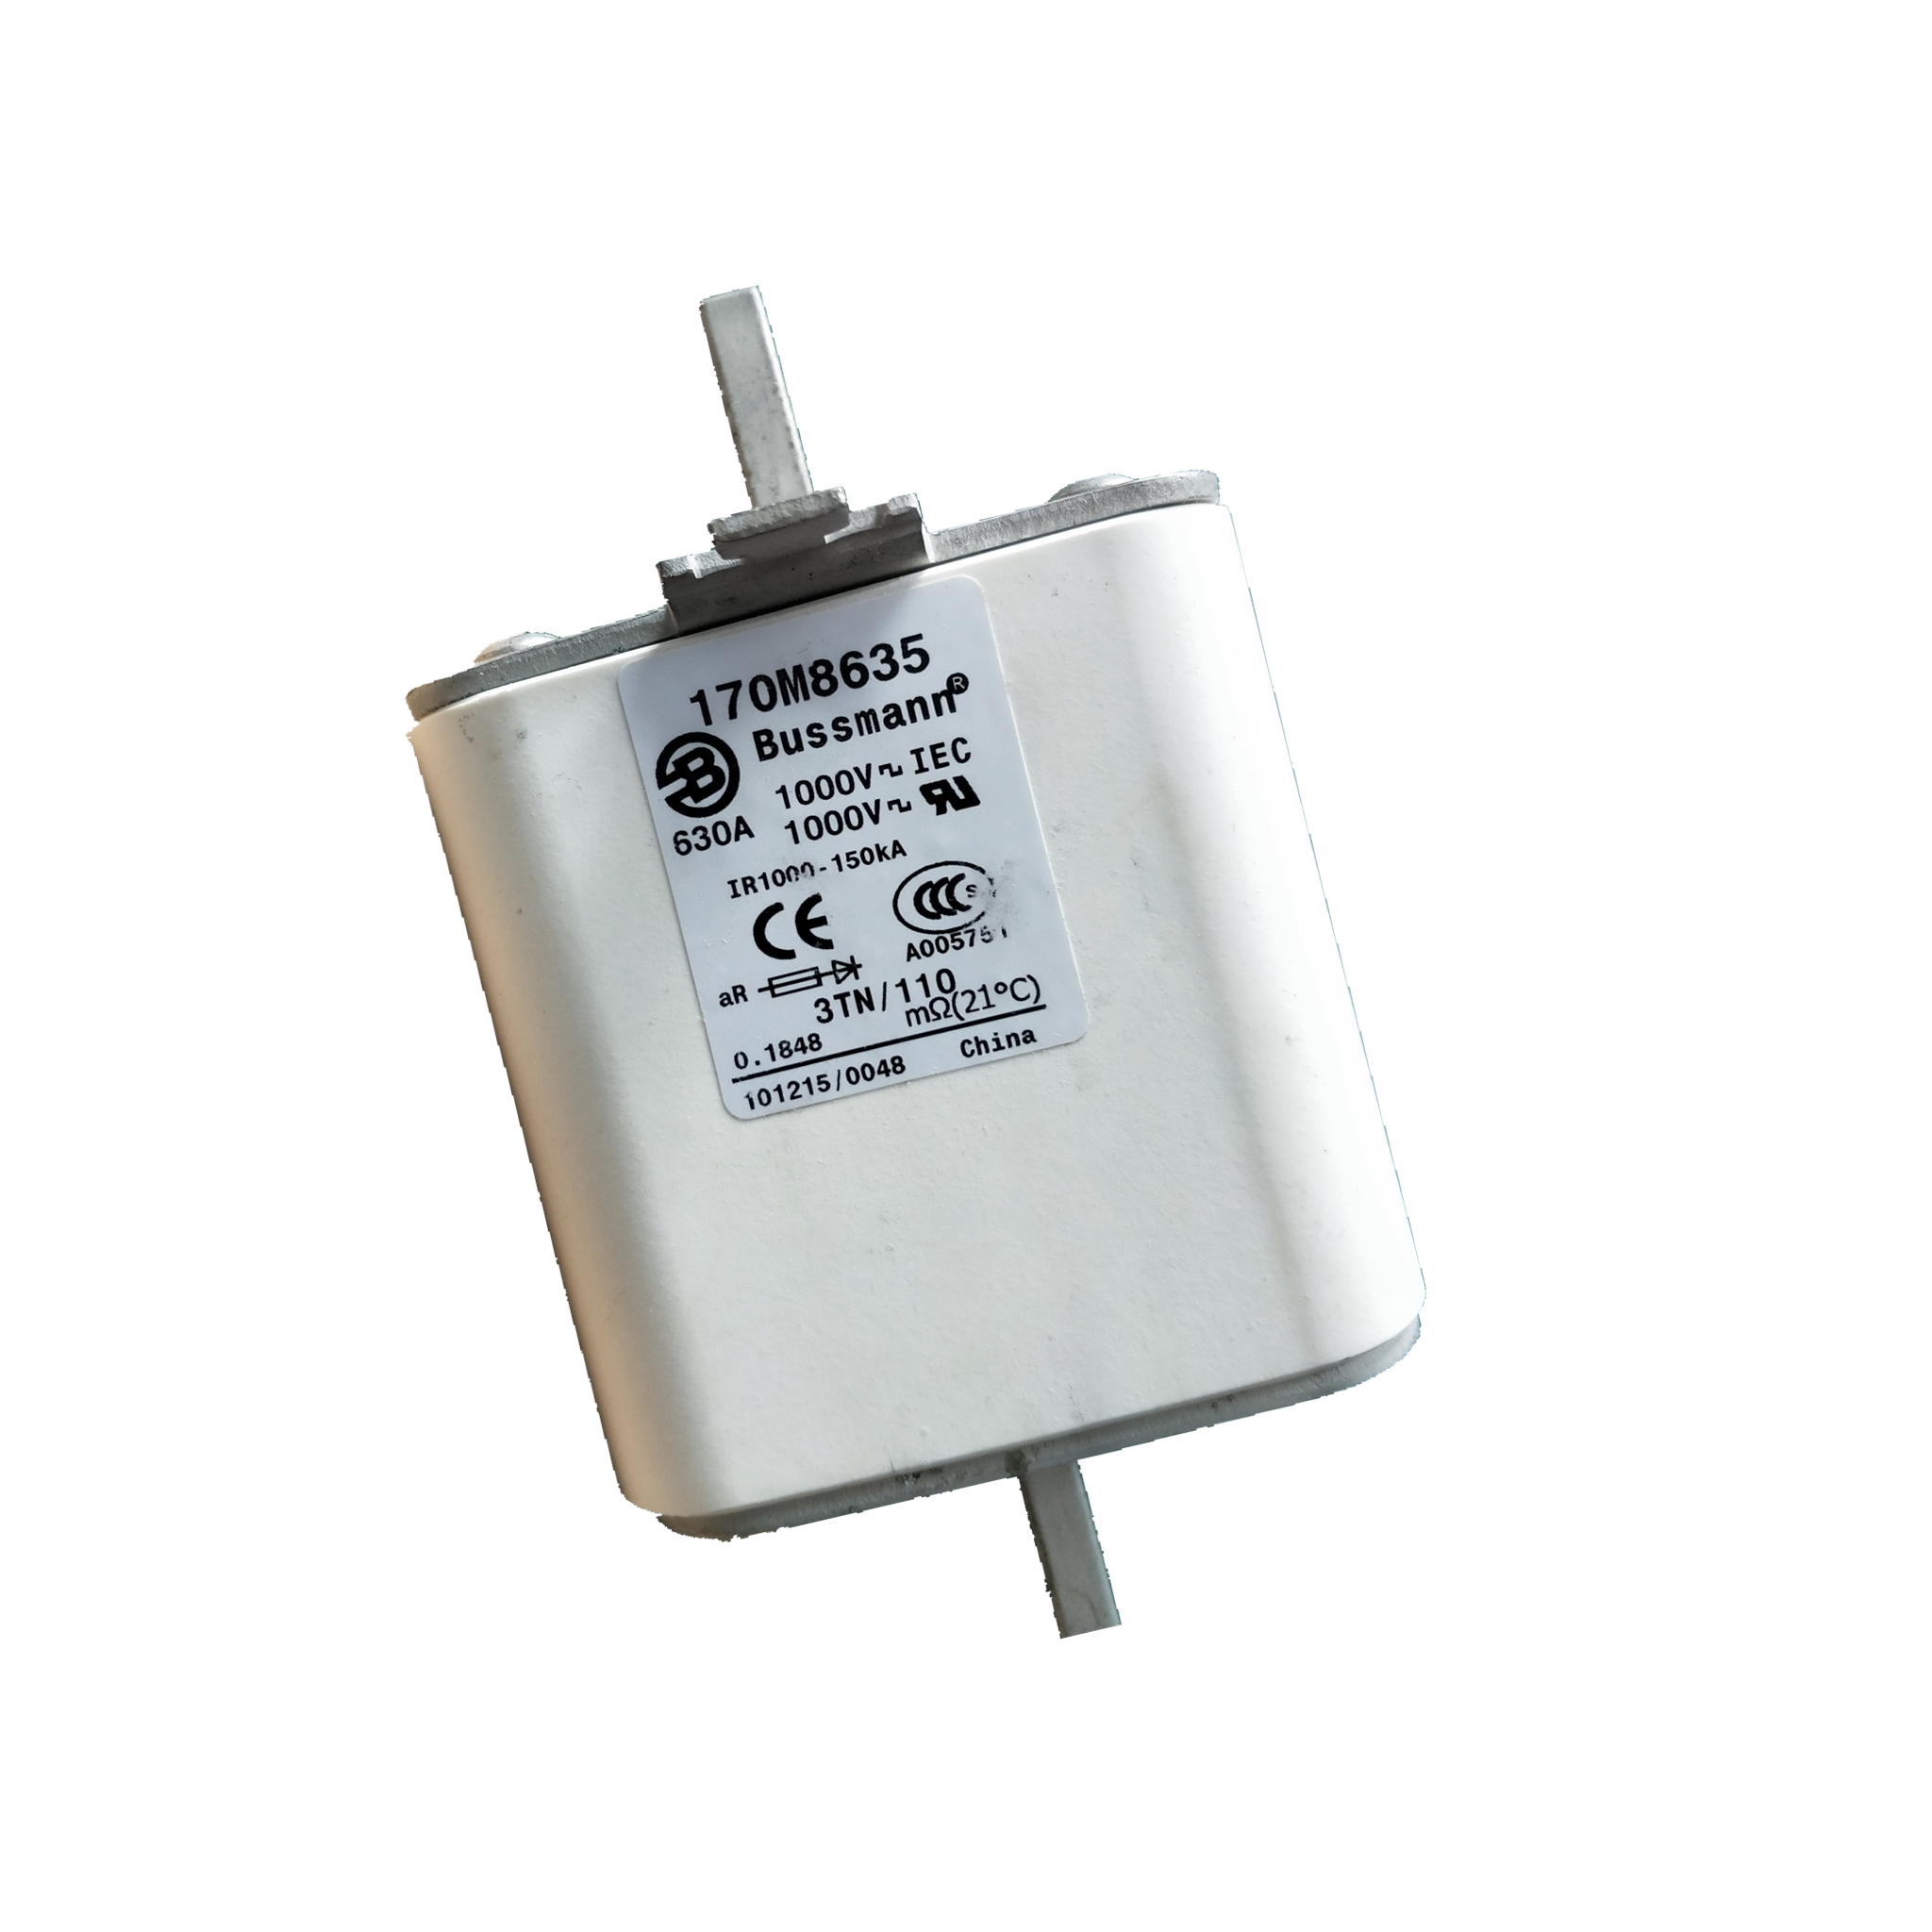 全新原装巴斯曼熔断器170M8635 快速熔断器 熔芯 现货